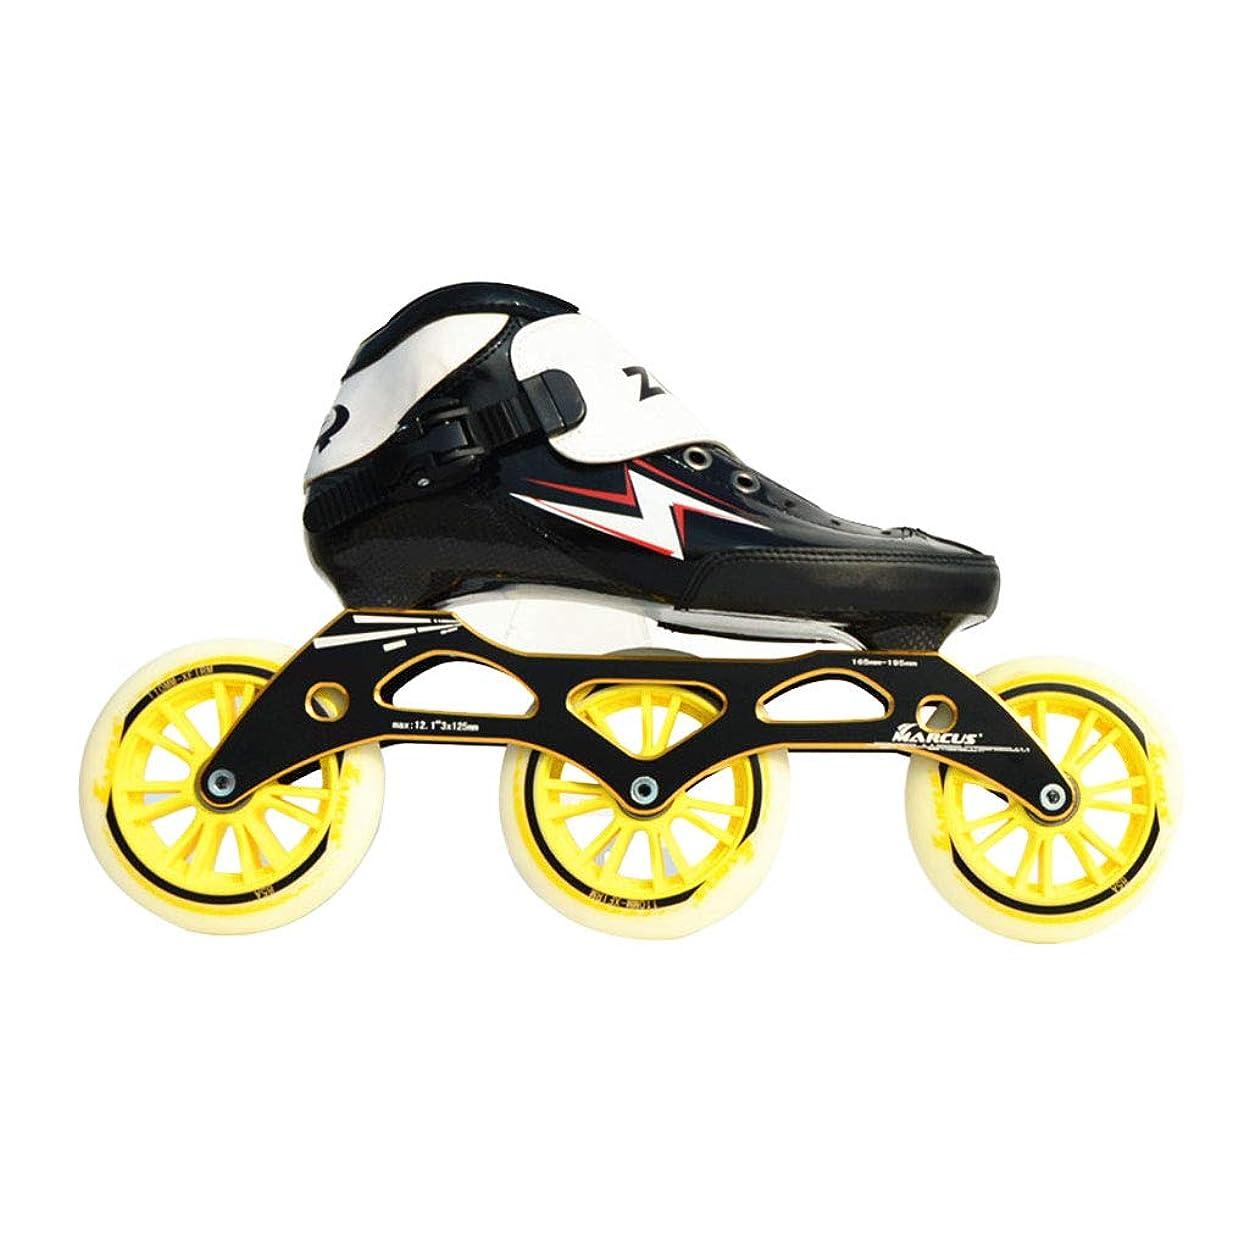 賃金受信機肥料ローラーブレード, スピードスケートシューズ90MM-110MM調整可能なインラインスケート、ストレートスケートシューズ(3色),ホイールが点滅しない (Color : Yellow, Size : EU 44/US 11/UK 10/JP 27cm)